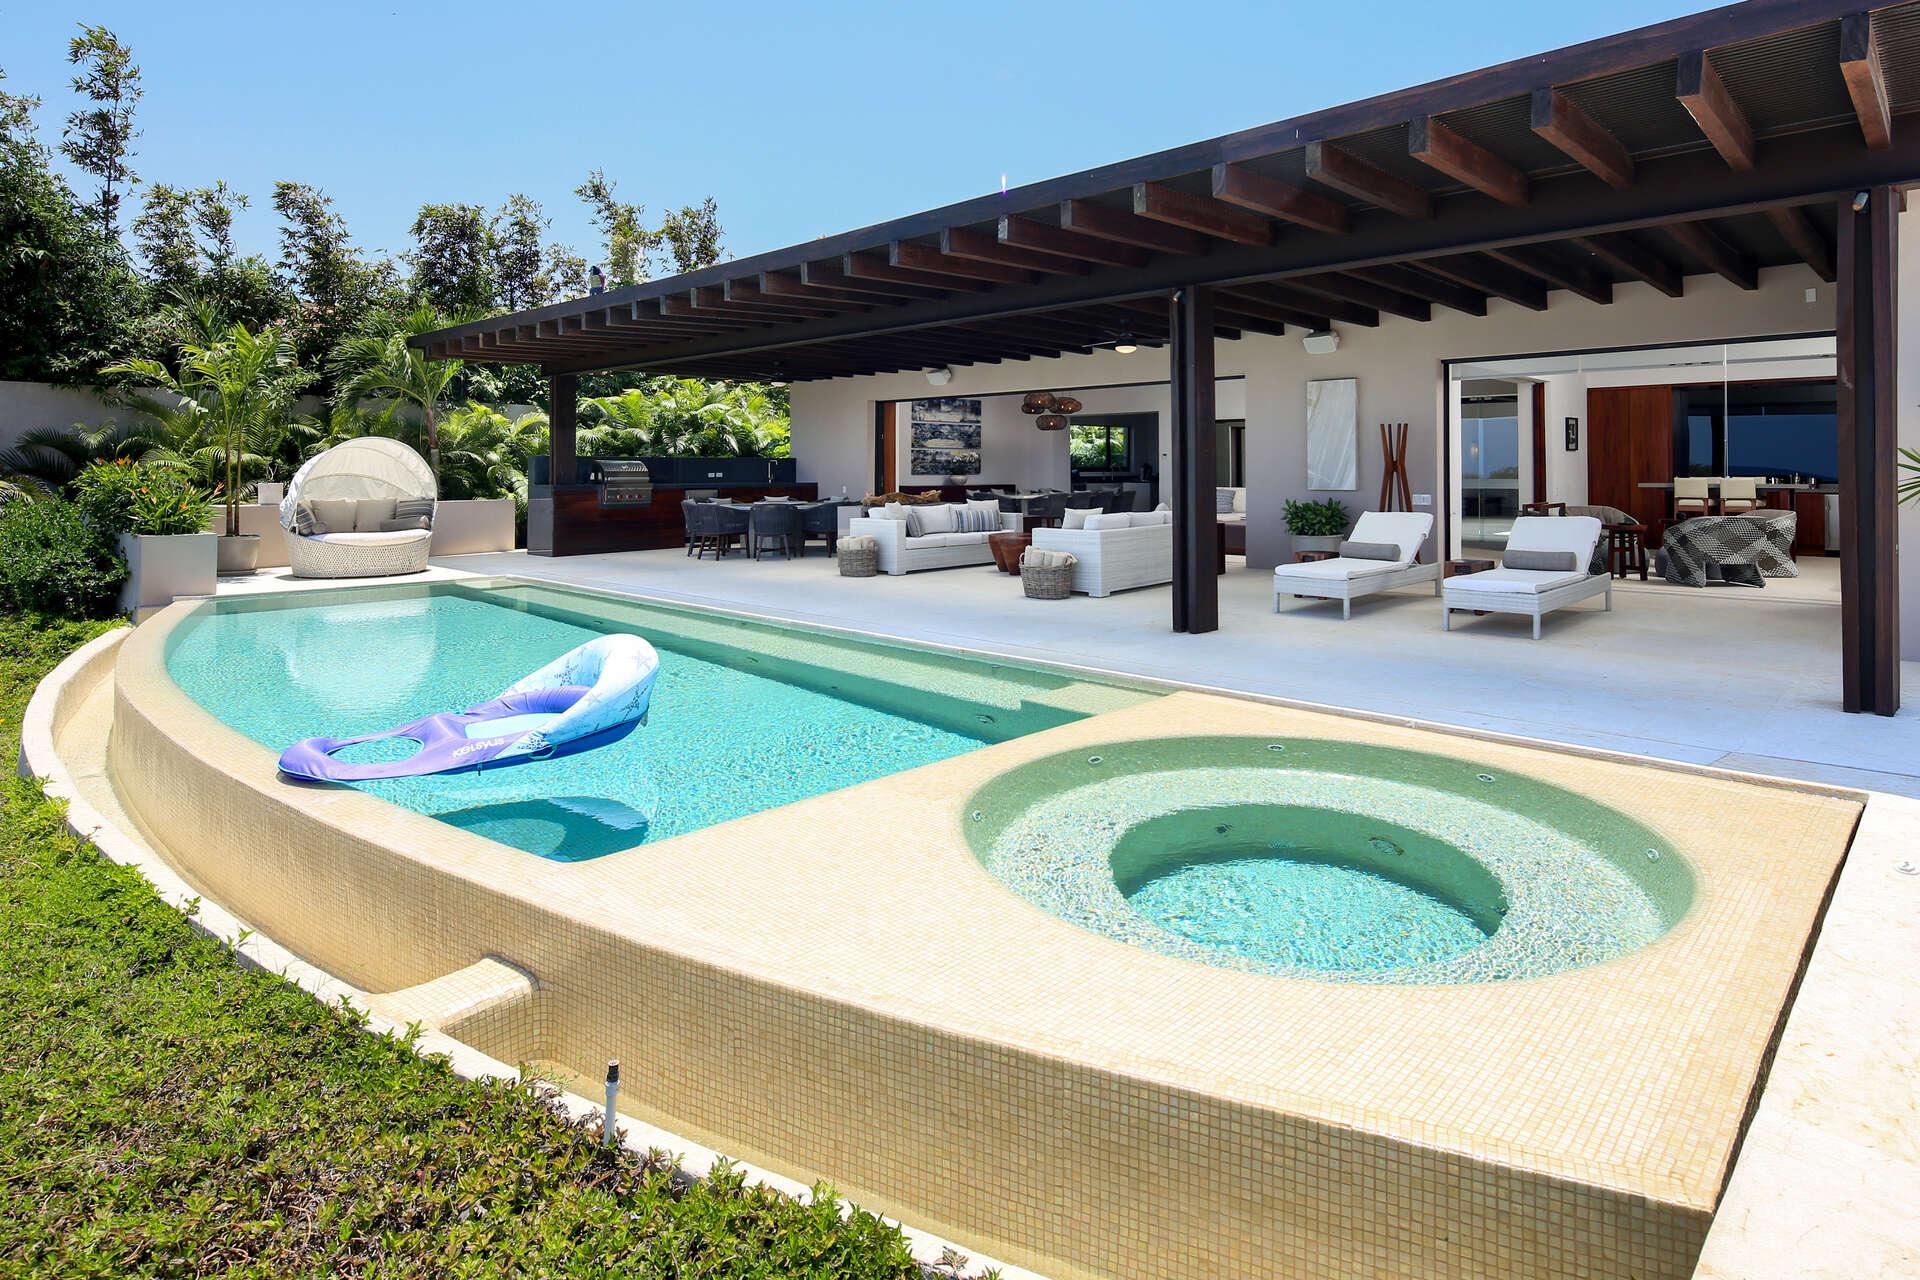 Luxury vacation rentals mexico - Punta mita - Porta fortuna - No location 4 - Rincon del Mar - Image 1/18